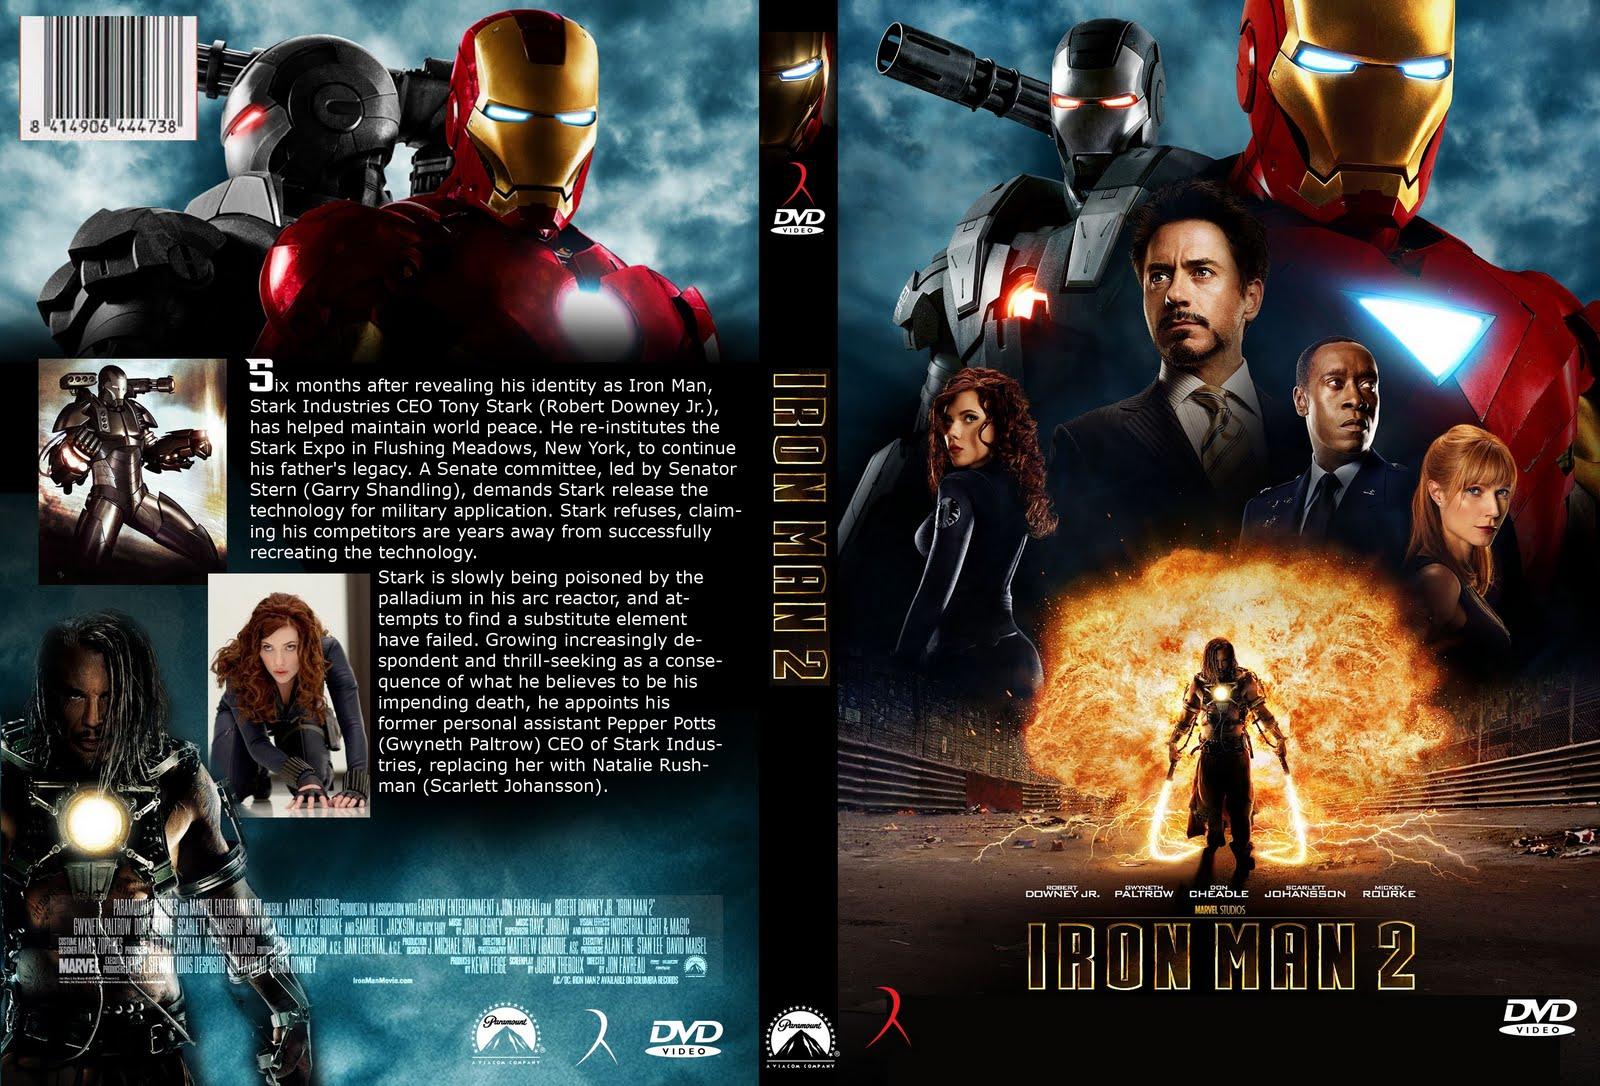 http://2.bp.blogspot.com/_gRRlB9YQM4k/TS1TzMRKpYI/AAAAAAAAAtk/hZnTjsAUSnI/s1600/Iron_Man_2_Custom-%255Bcdcovers_cc%255D-front.jpg